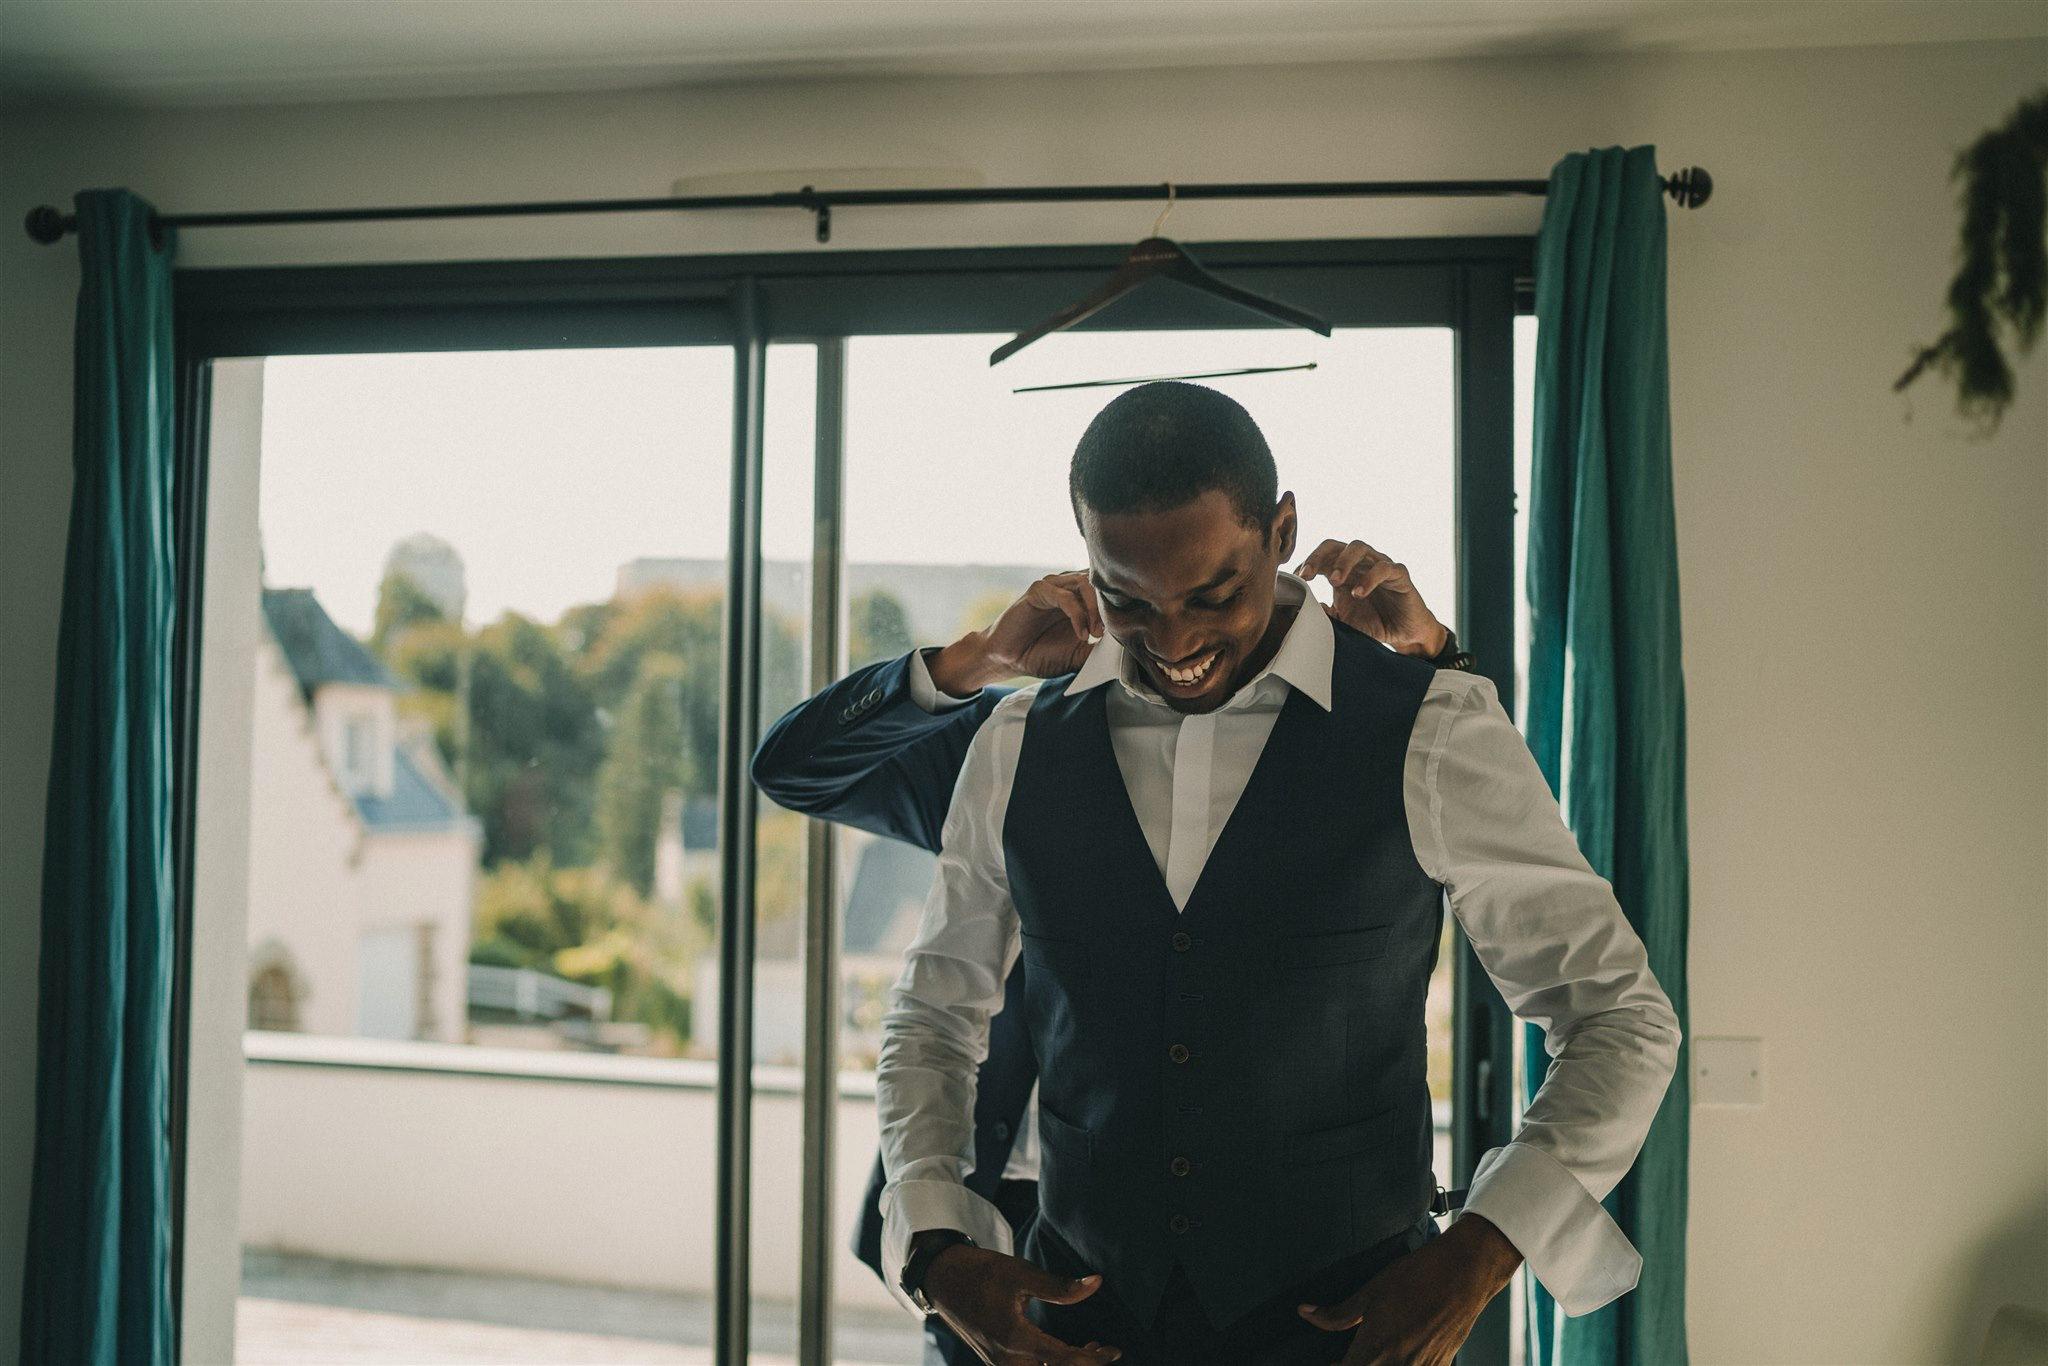 Elsa Yannick Photo De Mariage Au Manoir De Kerhuel À Plounéour Lanvern 20septembre12A7301949 Www.antoineborzeix.fr , Photographe & Videaste à Brest / Finistère